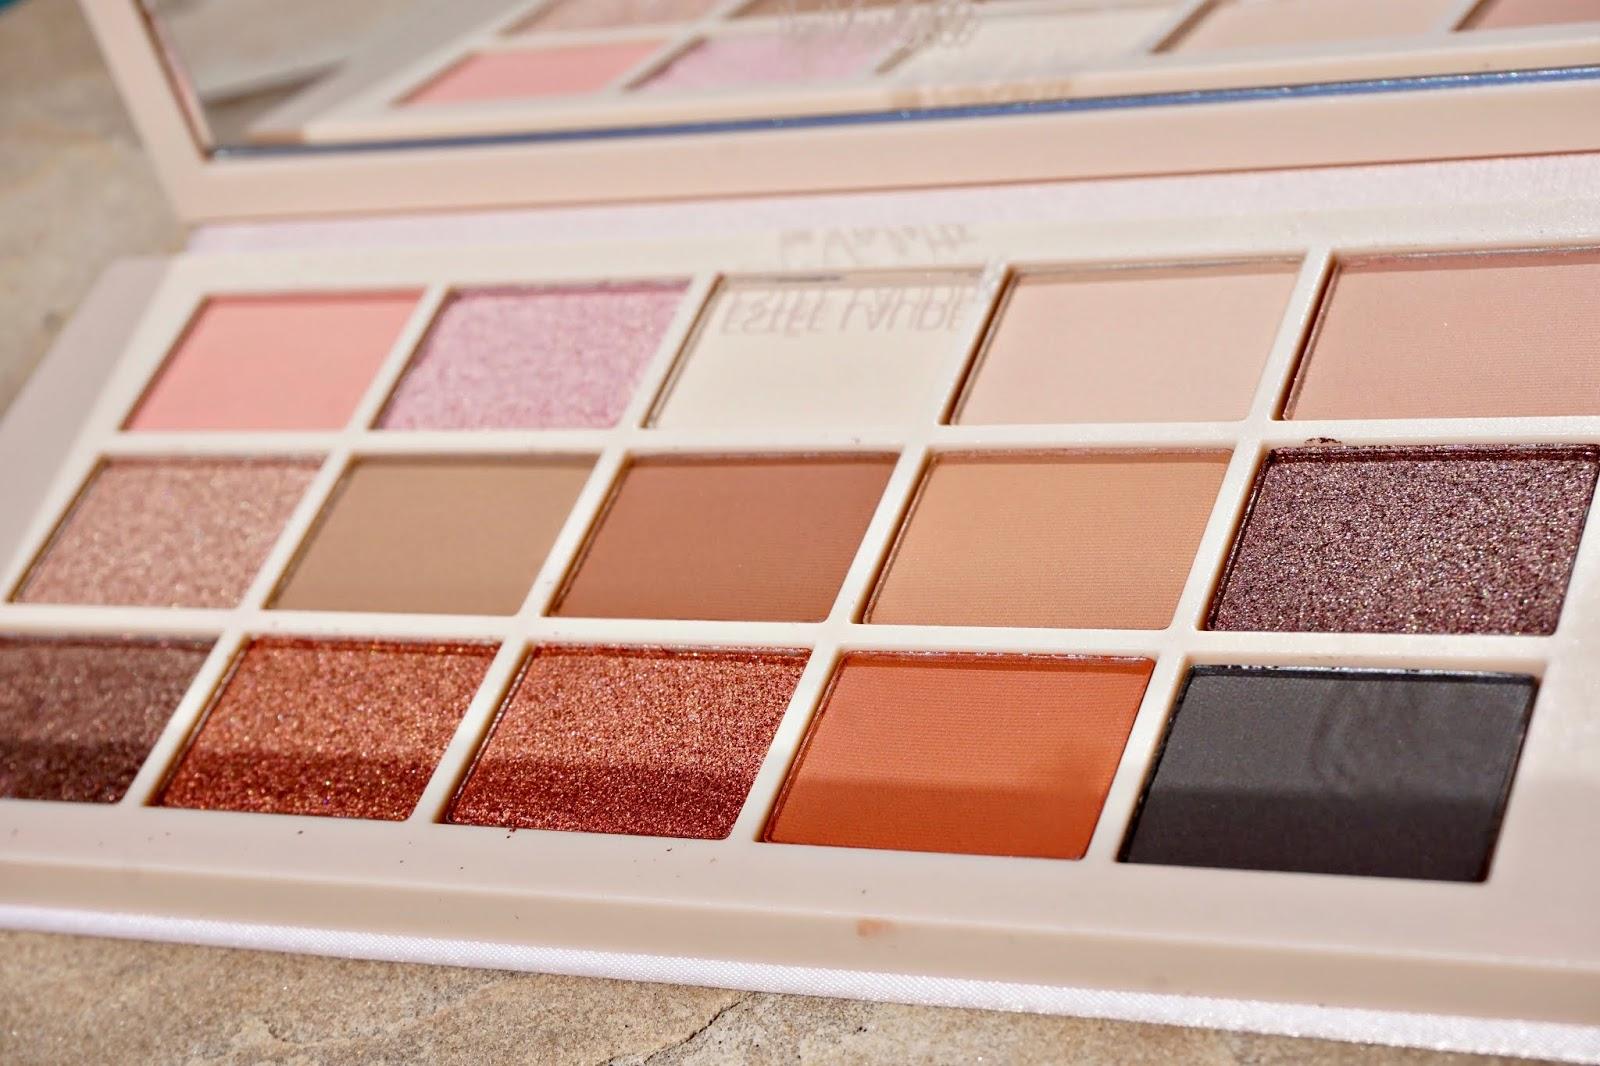 Estee Lauder Violette oh naturelle eyeshadow palette swetches